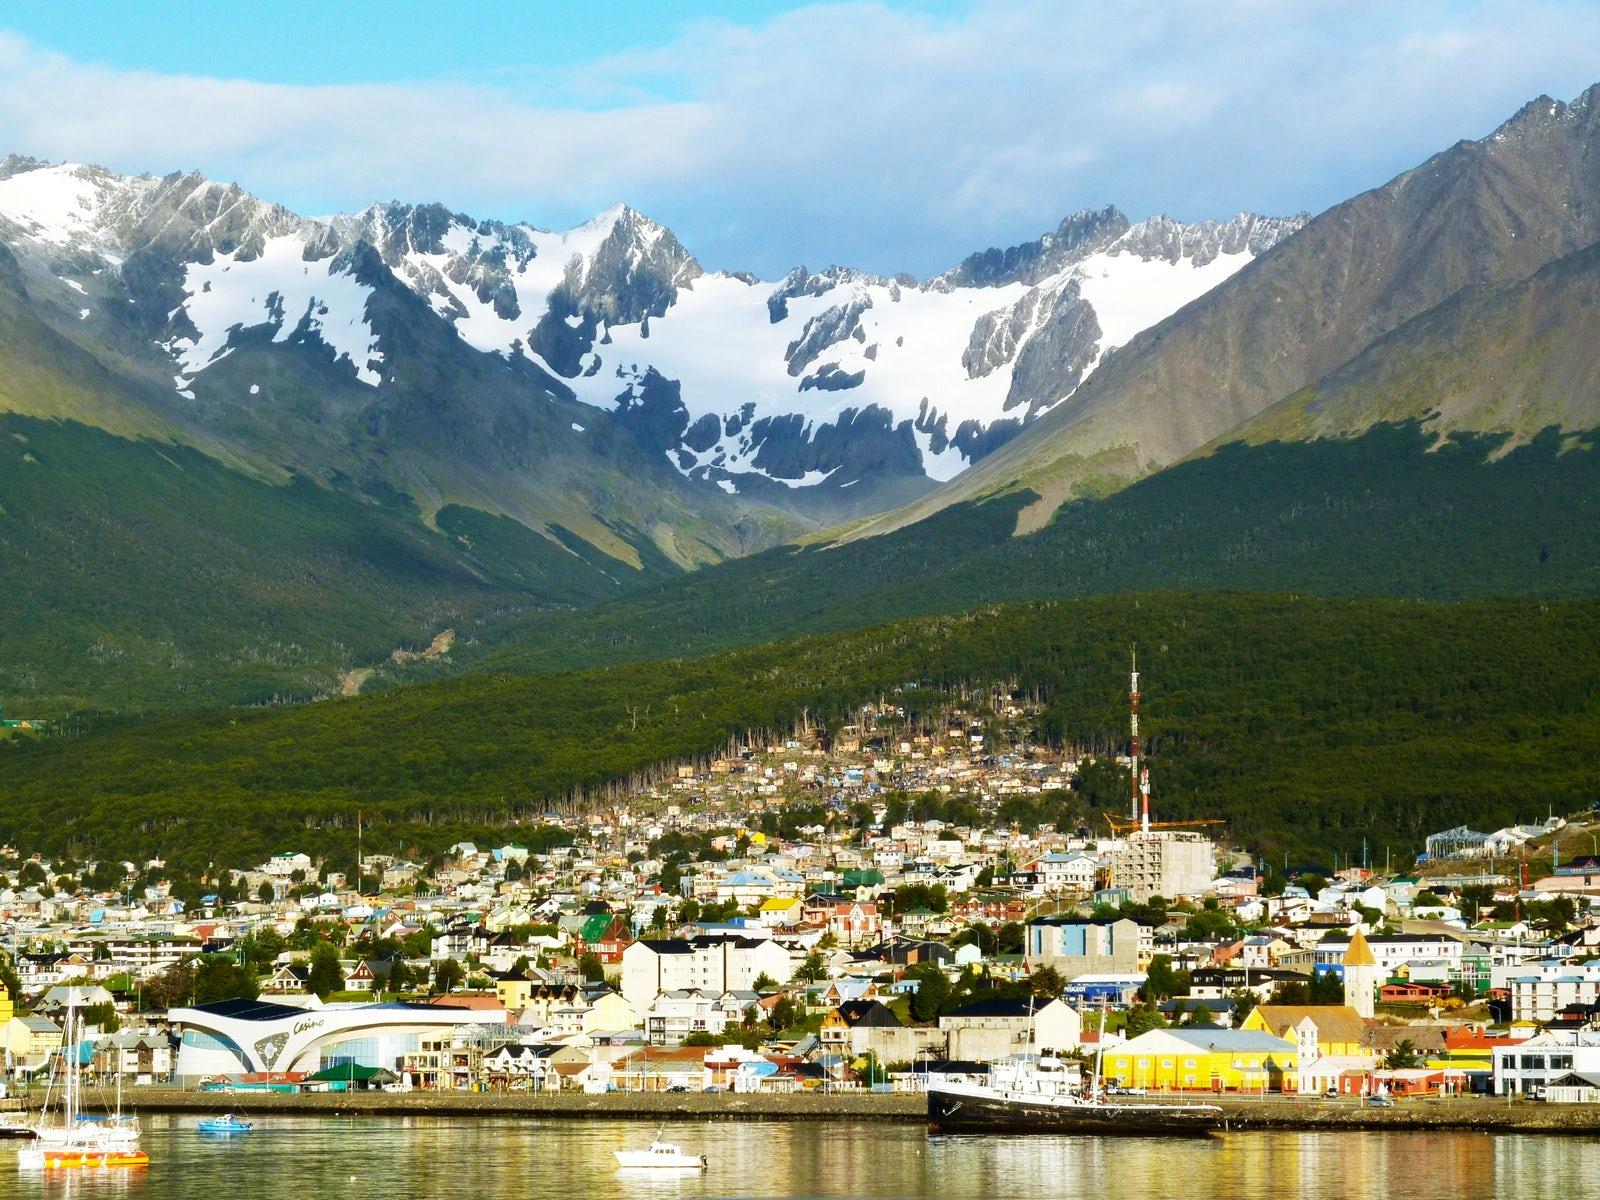 El Calafate - Ushuaia